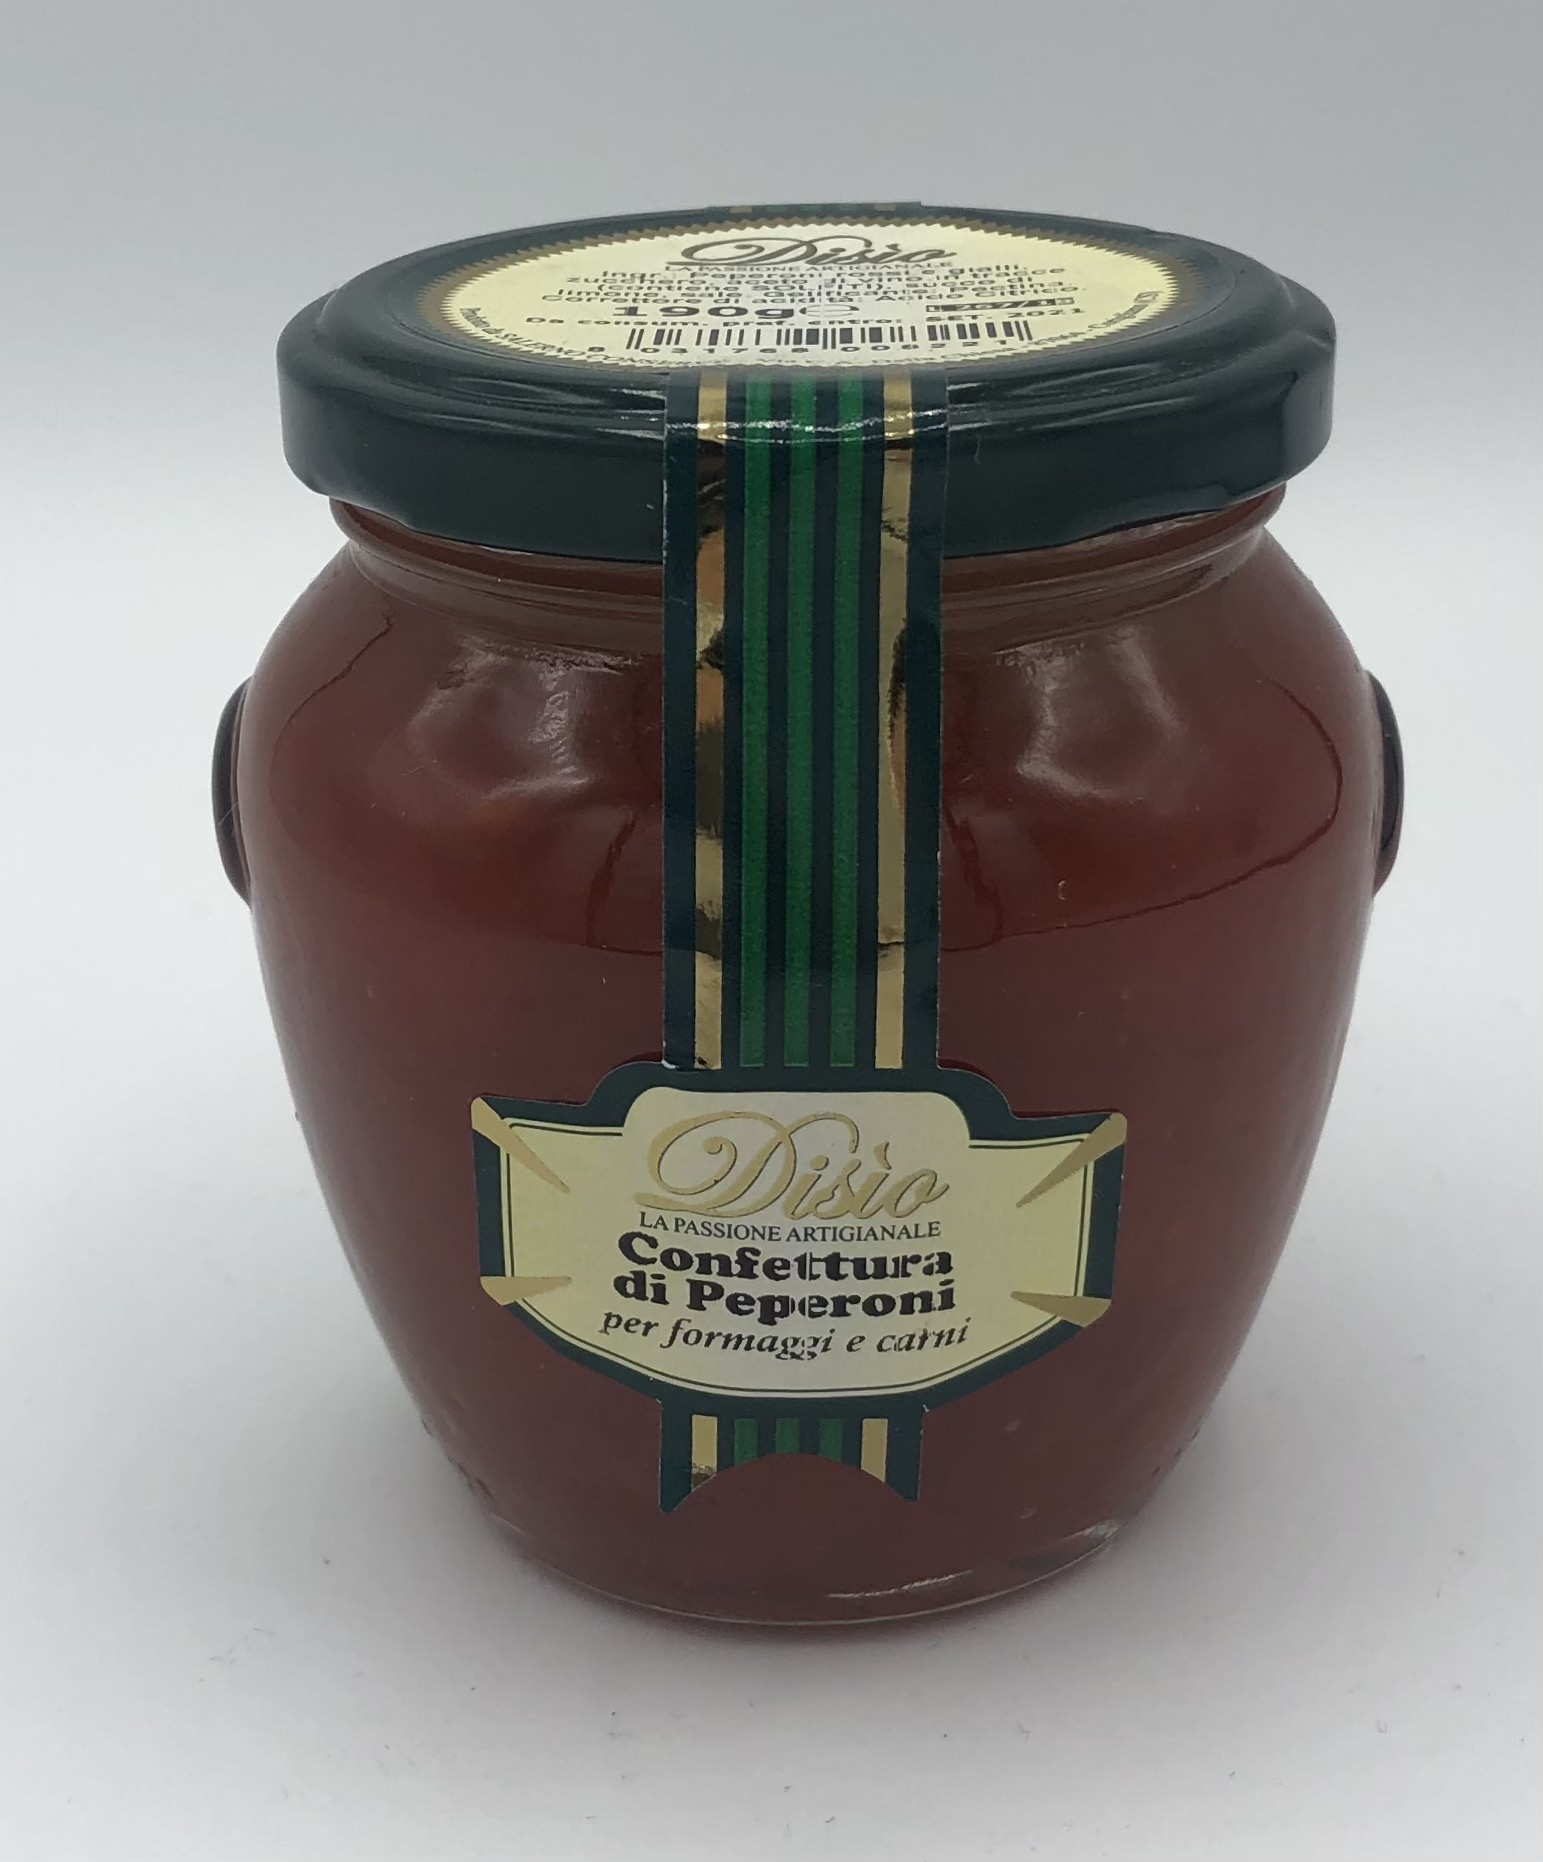 Disio Confettura di Peperoni (per formaggi e carne) GR.190